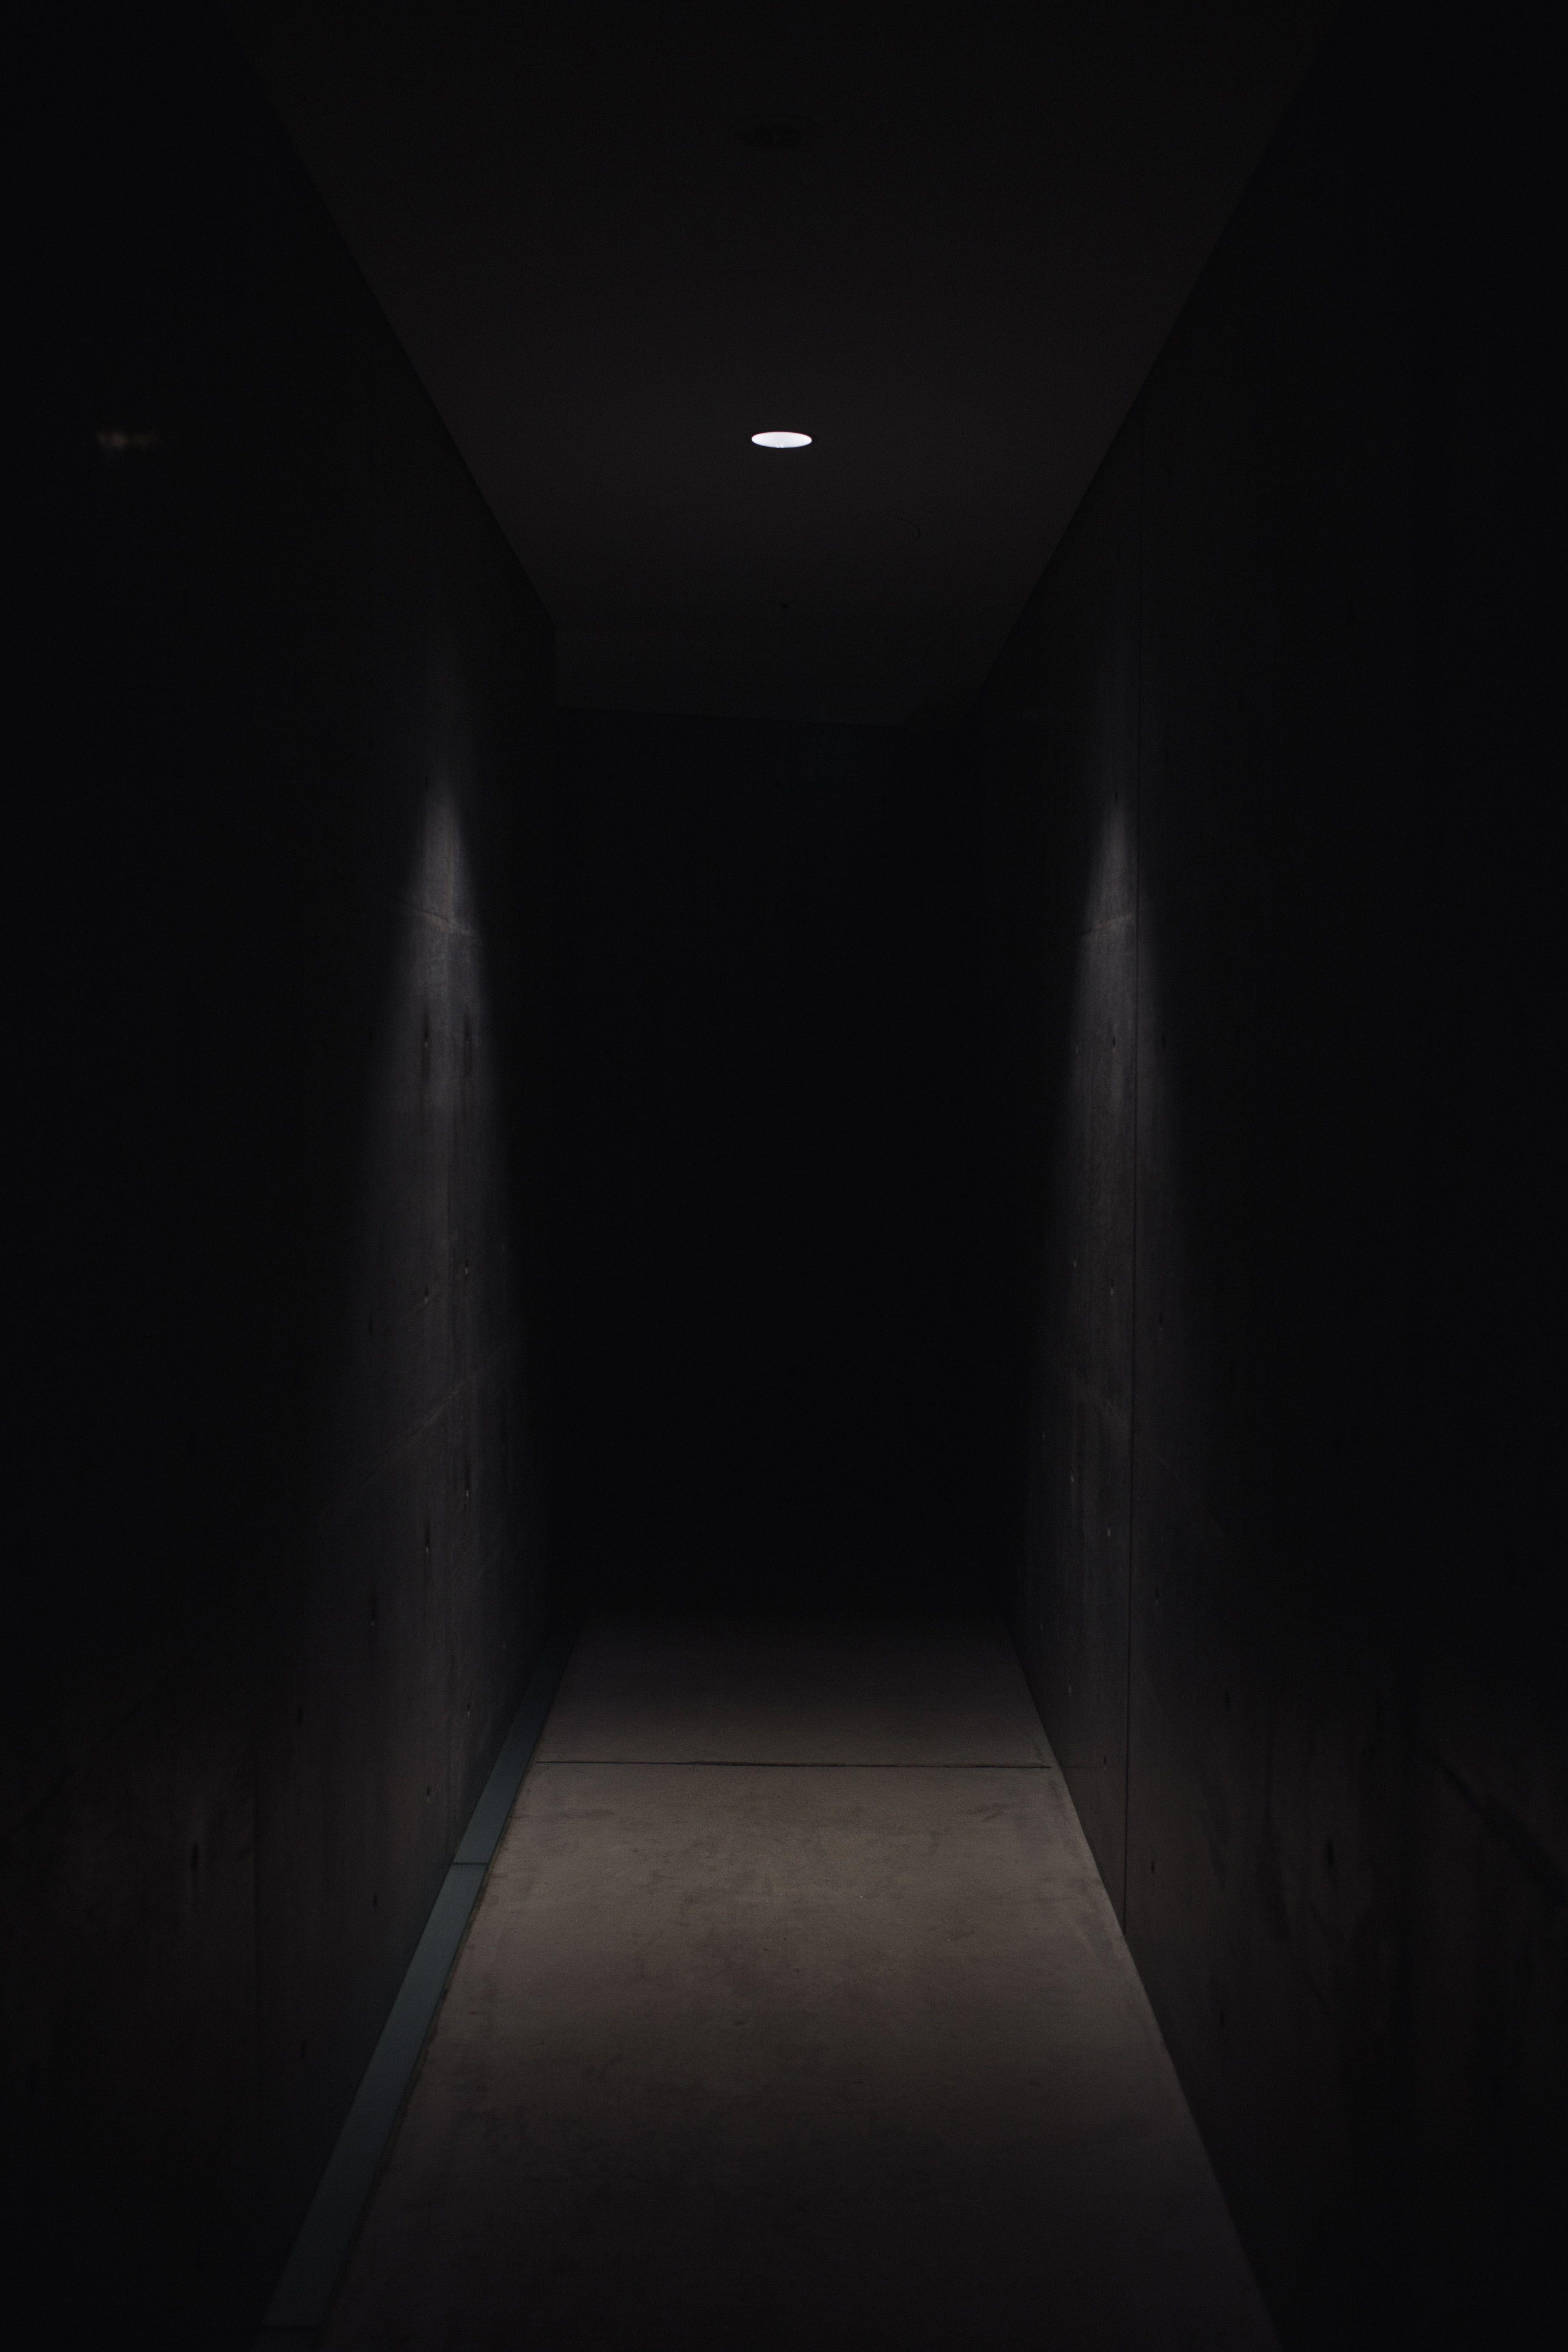 Dark Pathway Lit With Small Light Fixture Latar Belakang Lorong Gambar